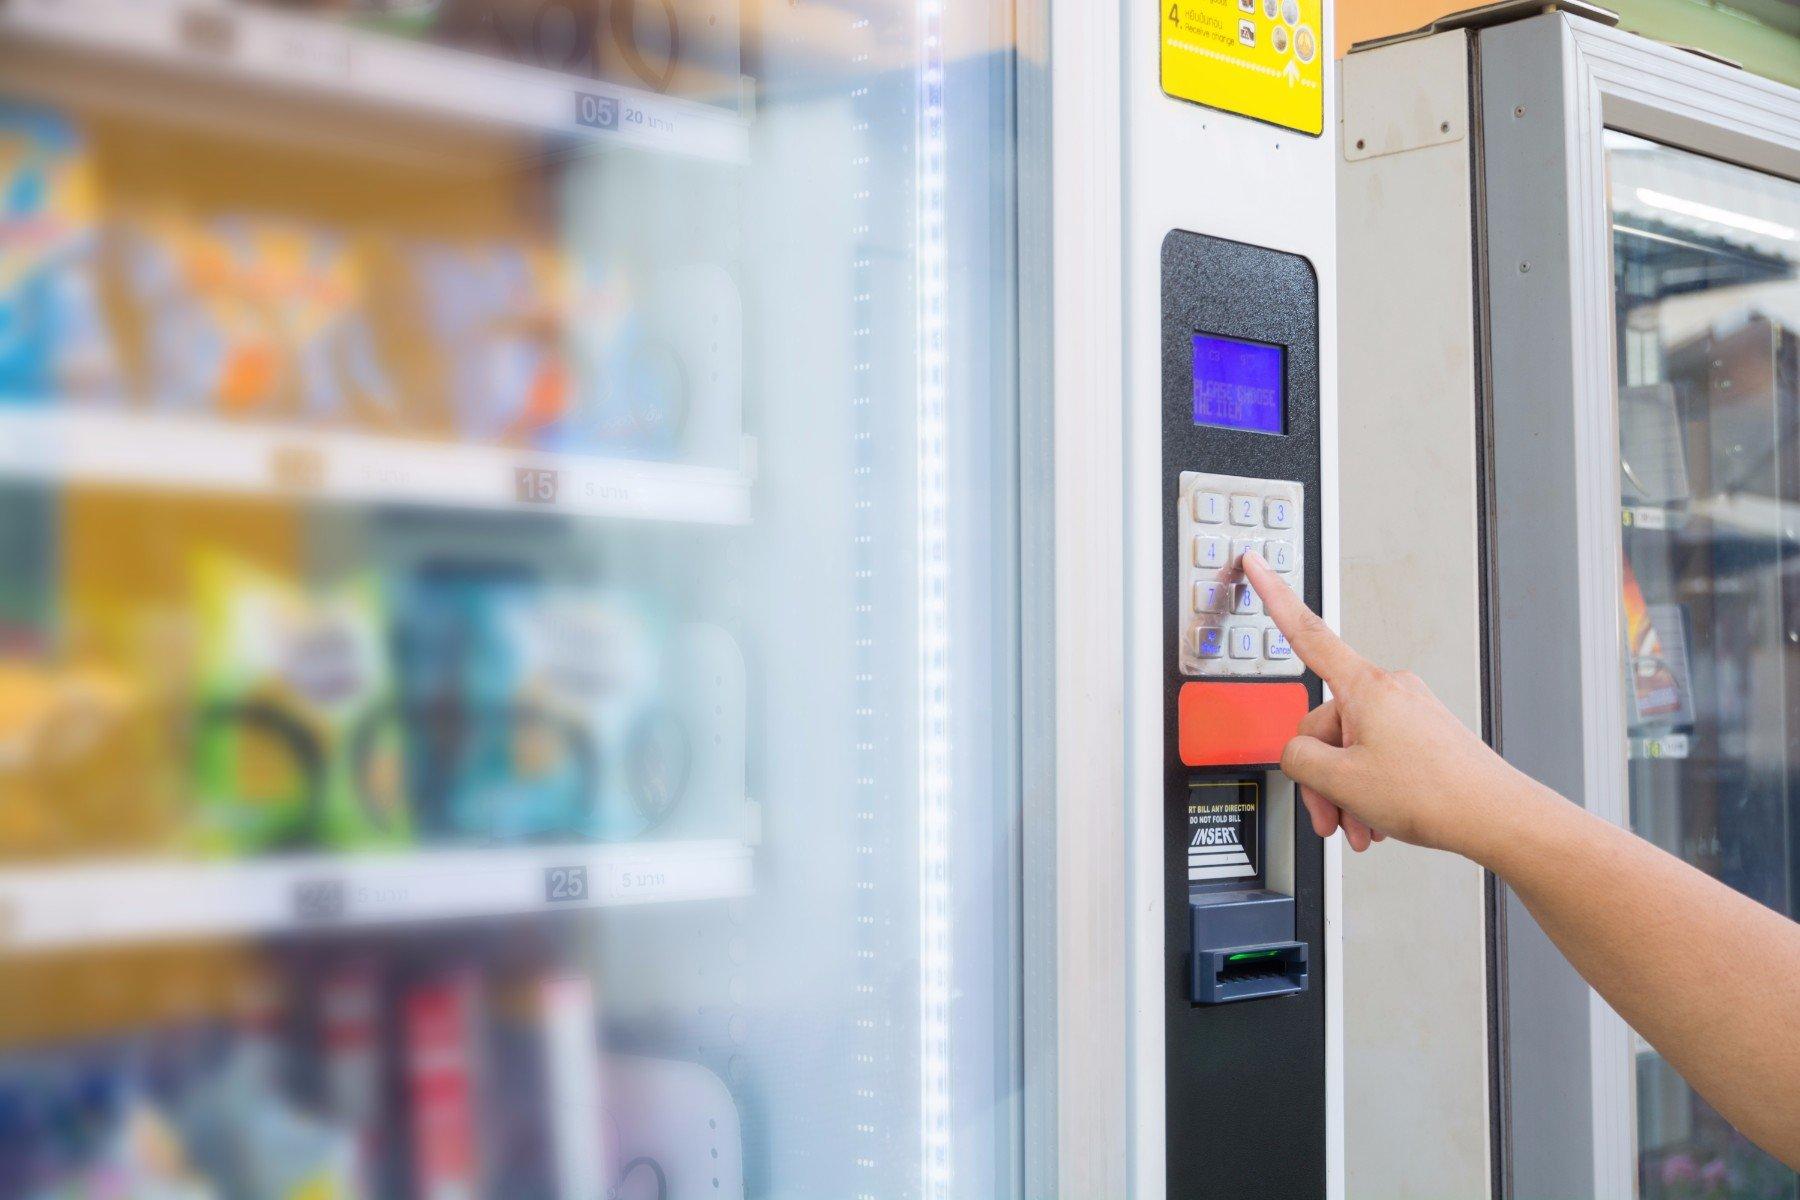 selezione del prodotto al distributore automatico